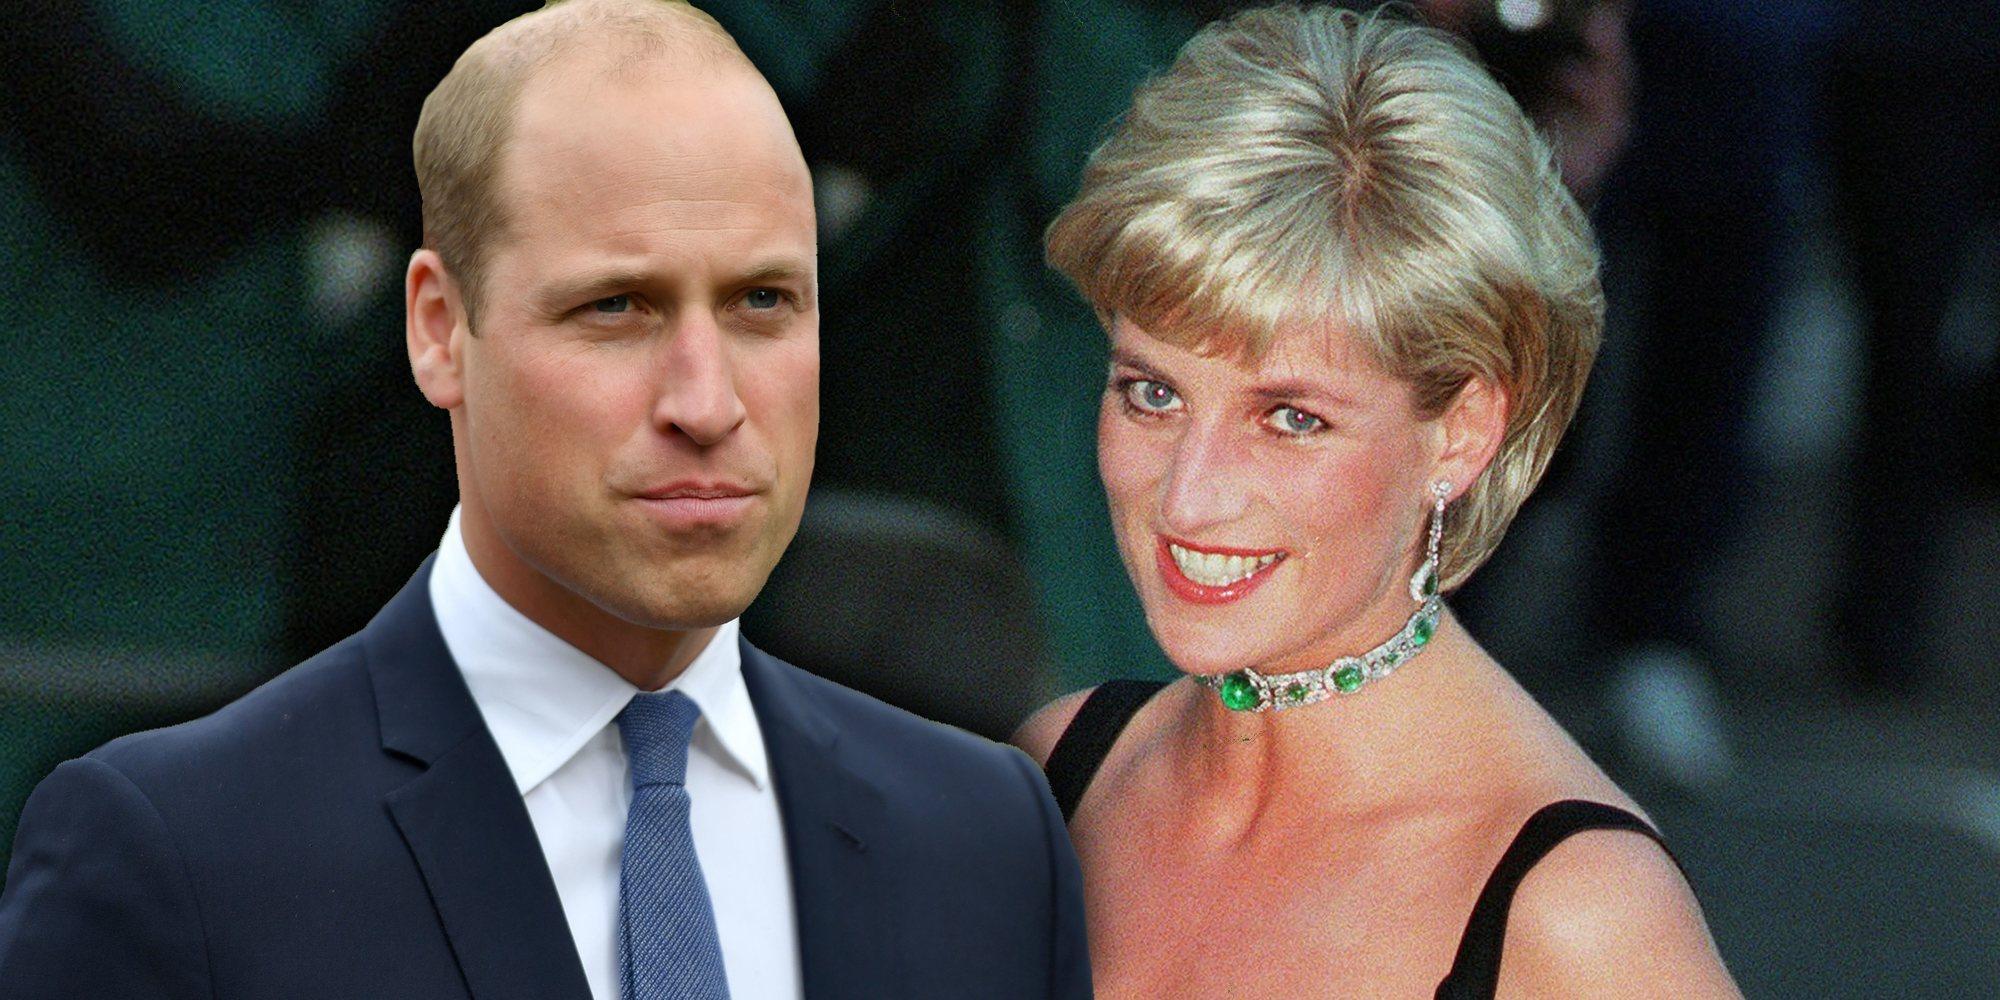 El Príncipe Guillermo da un paso al frente para descubrir la verdad detrás de la famosa entrevista de Lady Di